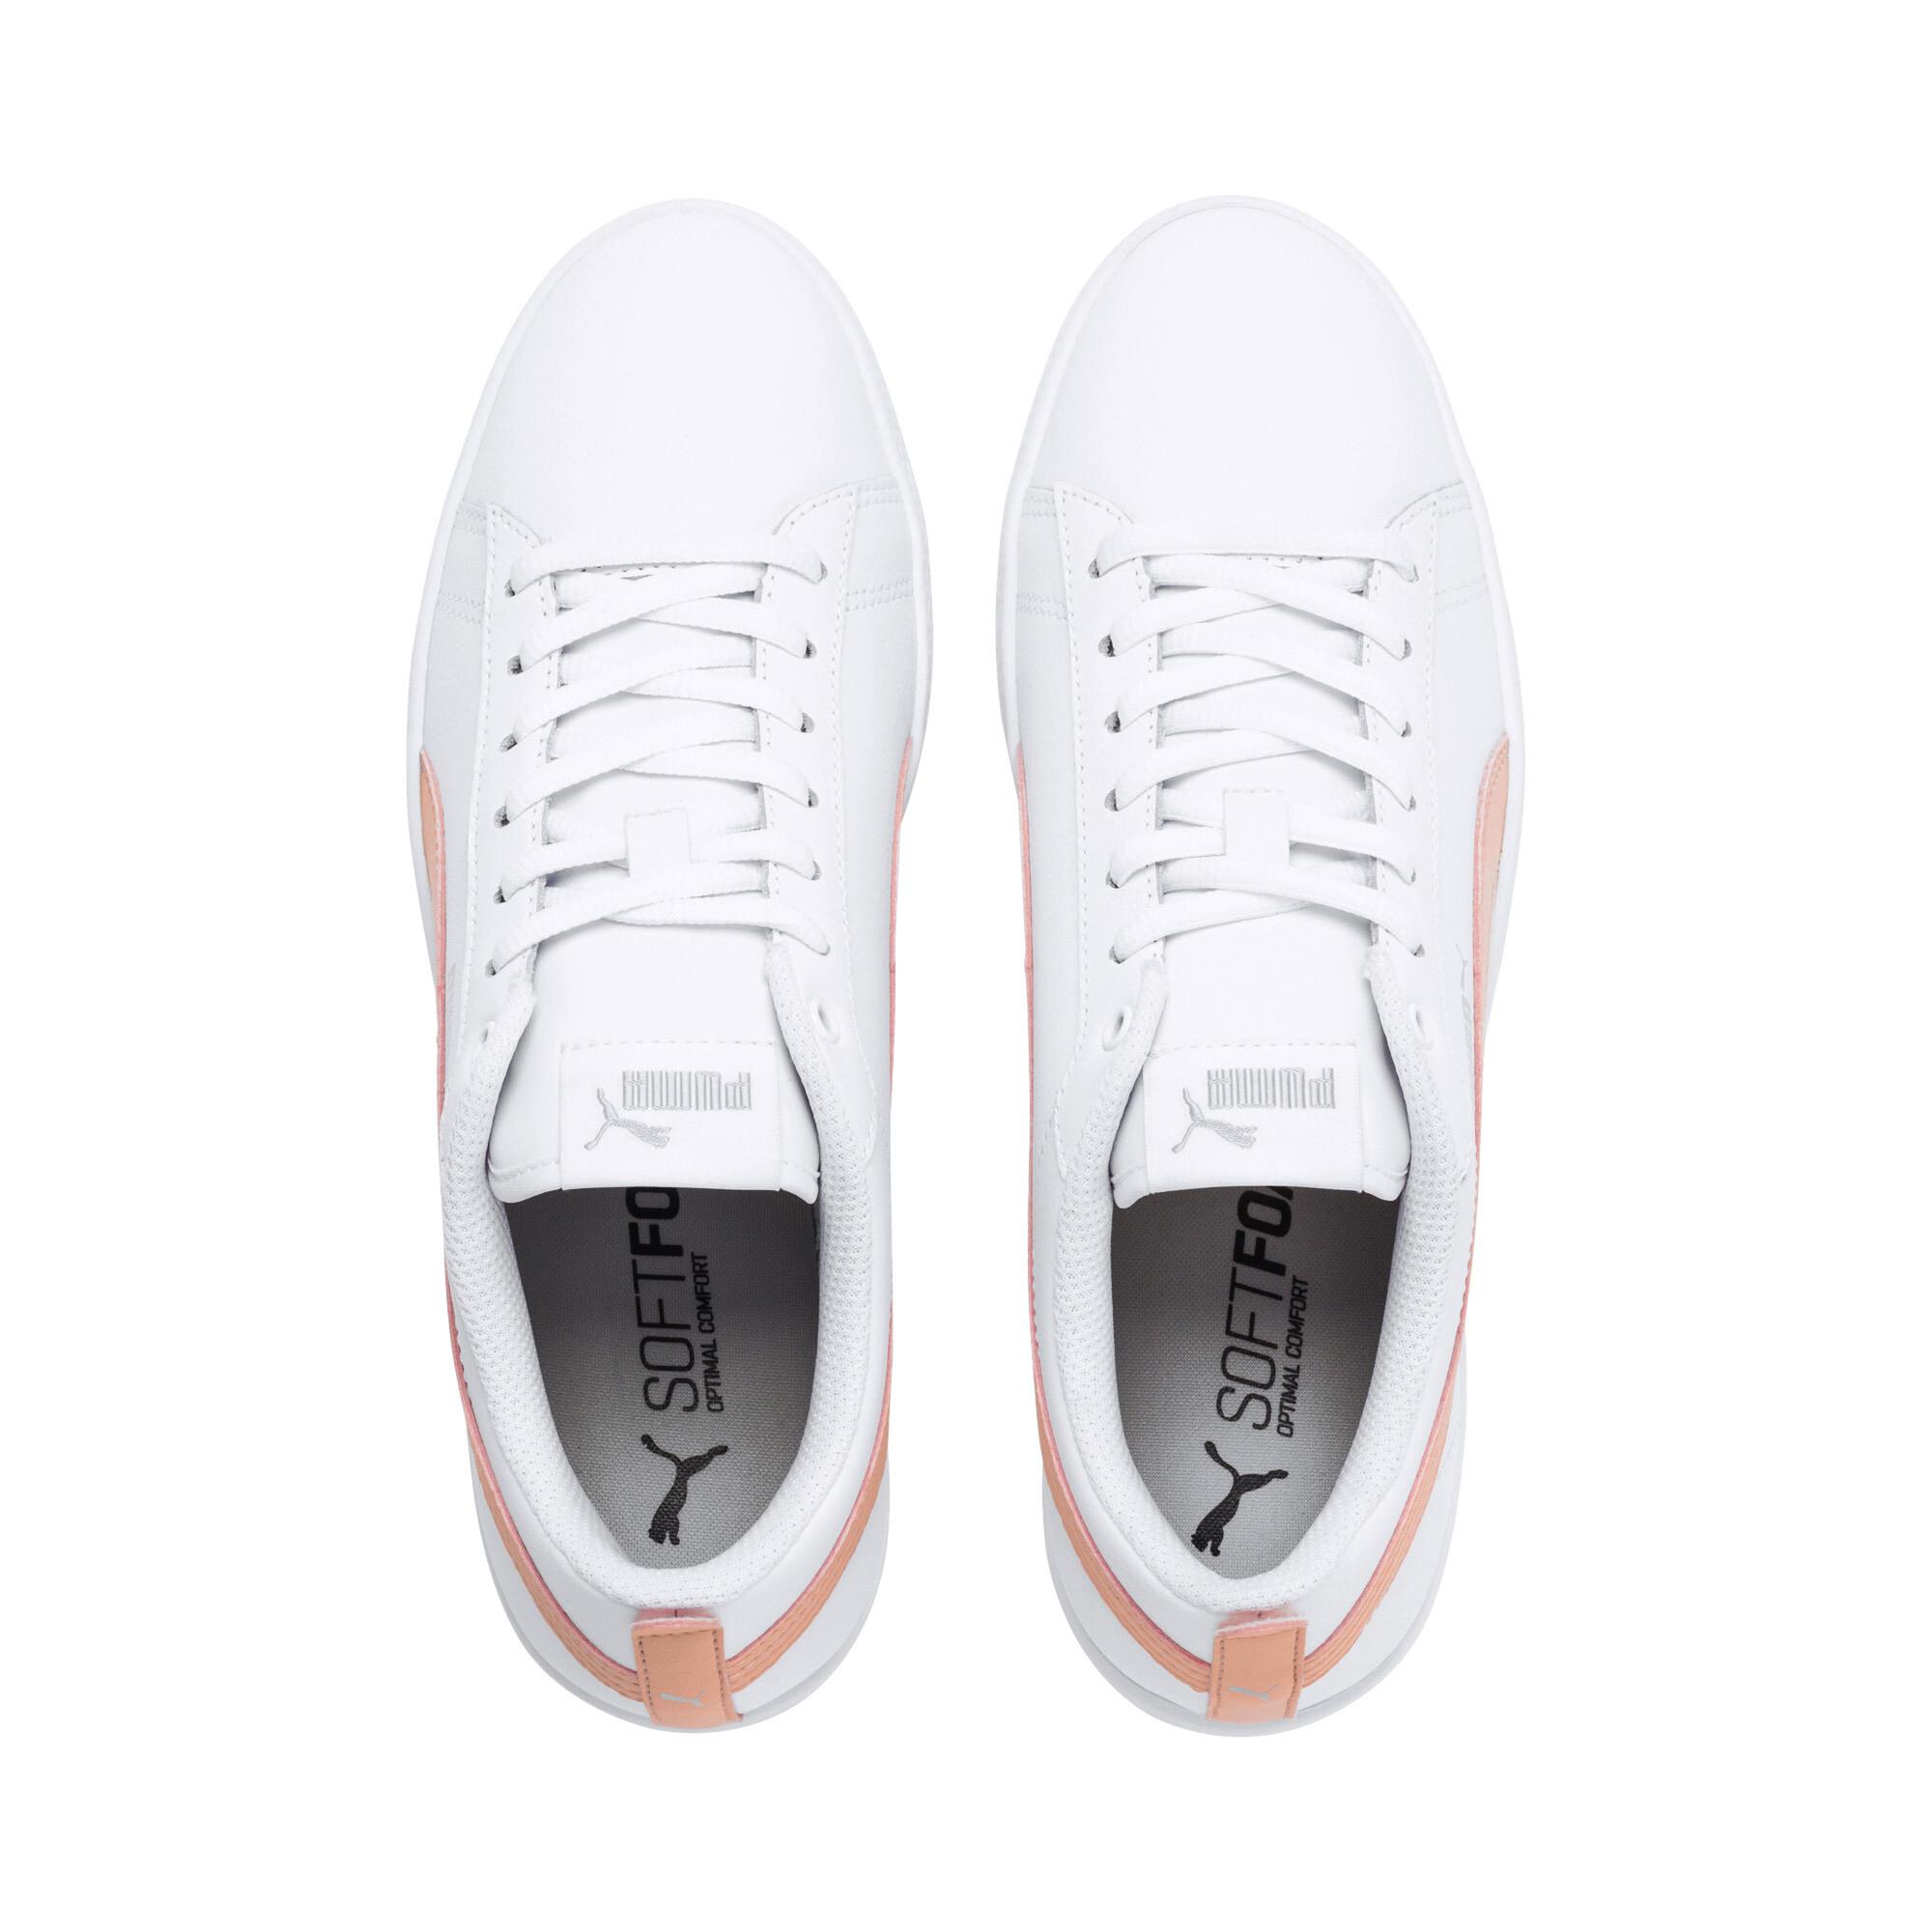 thumbnail 22 - PUMA-Women-039-s-Smash-v2-Leather-Sneakers